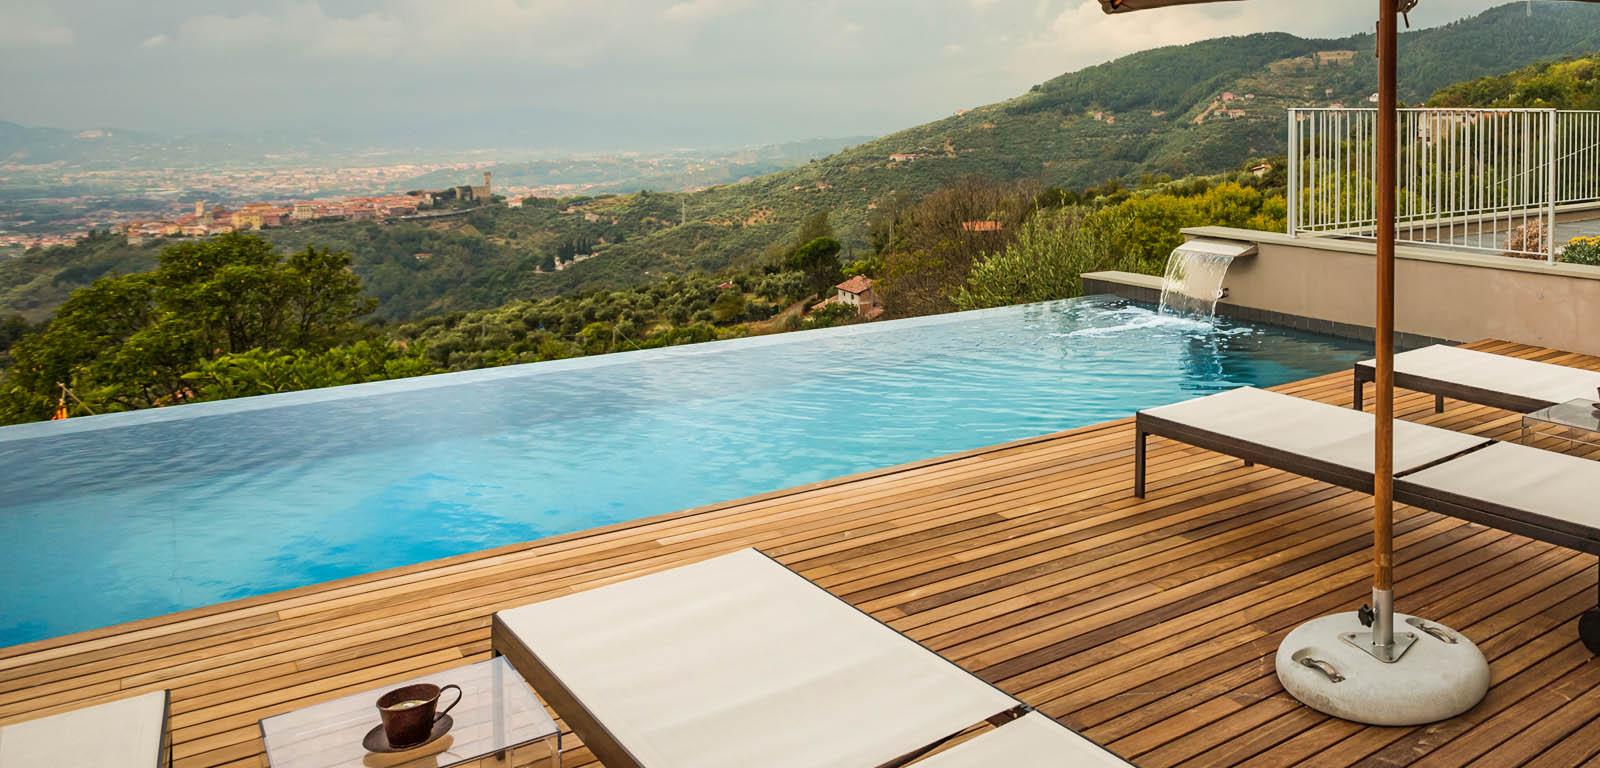 Realizza un angolo di benessere per i tuoi ospiti - Piscina gonfiabile terrazzo ...